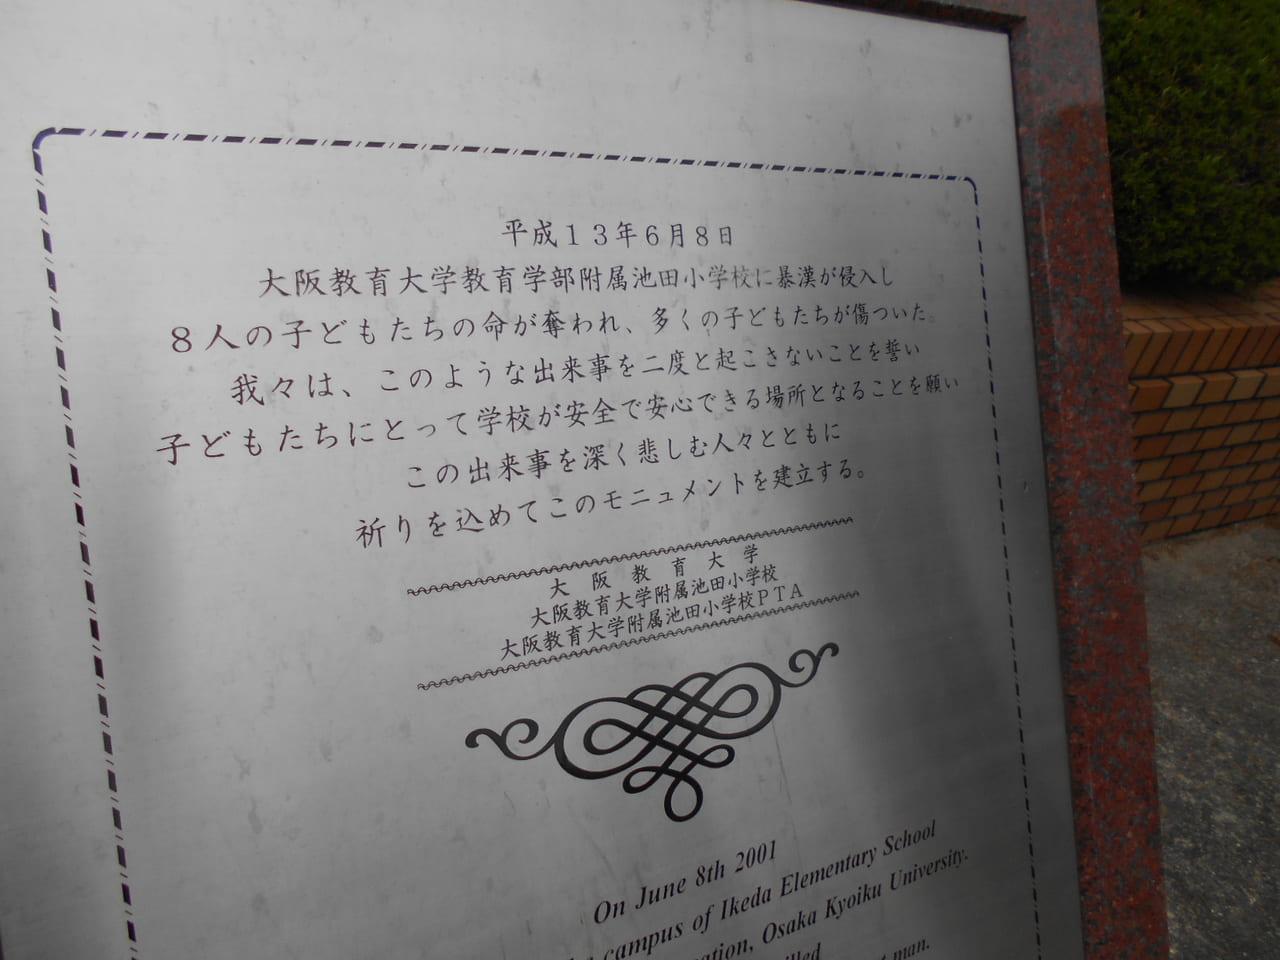 付属池田小学校